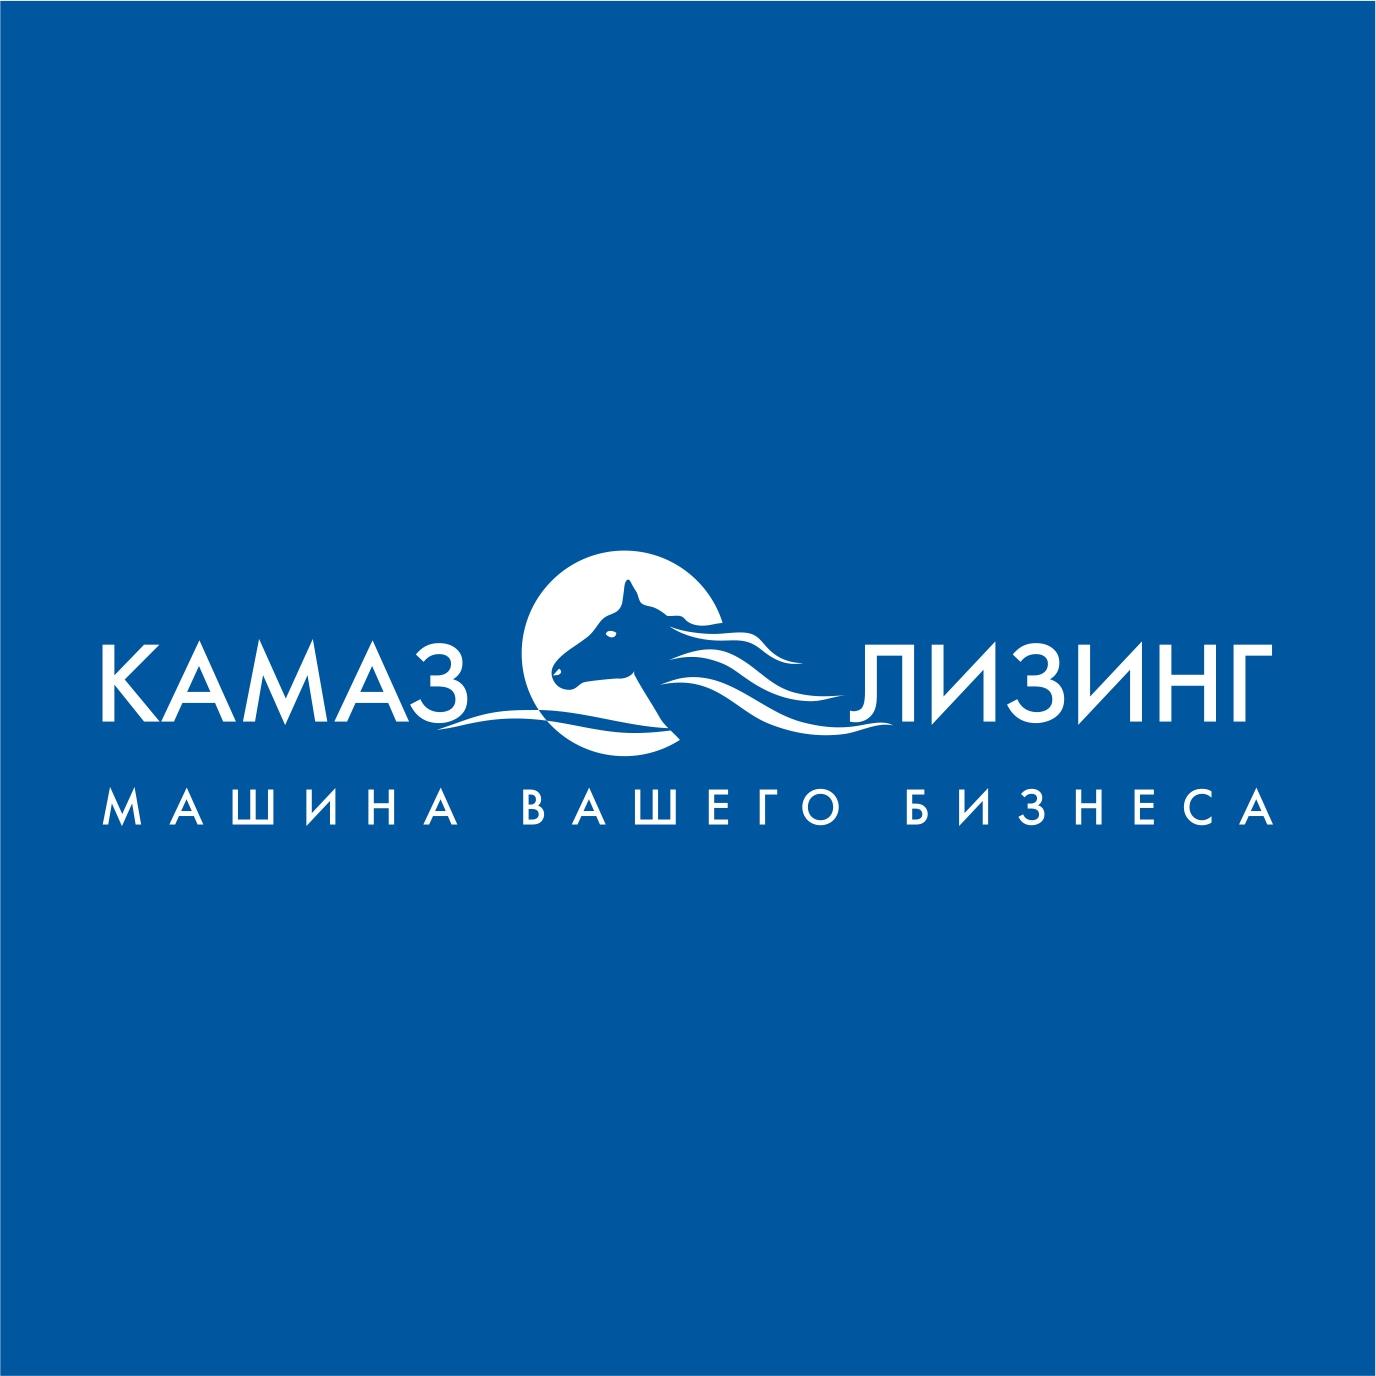 Лизинг от производителя - выгодный способ приобретения автотехники КАМАЗ